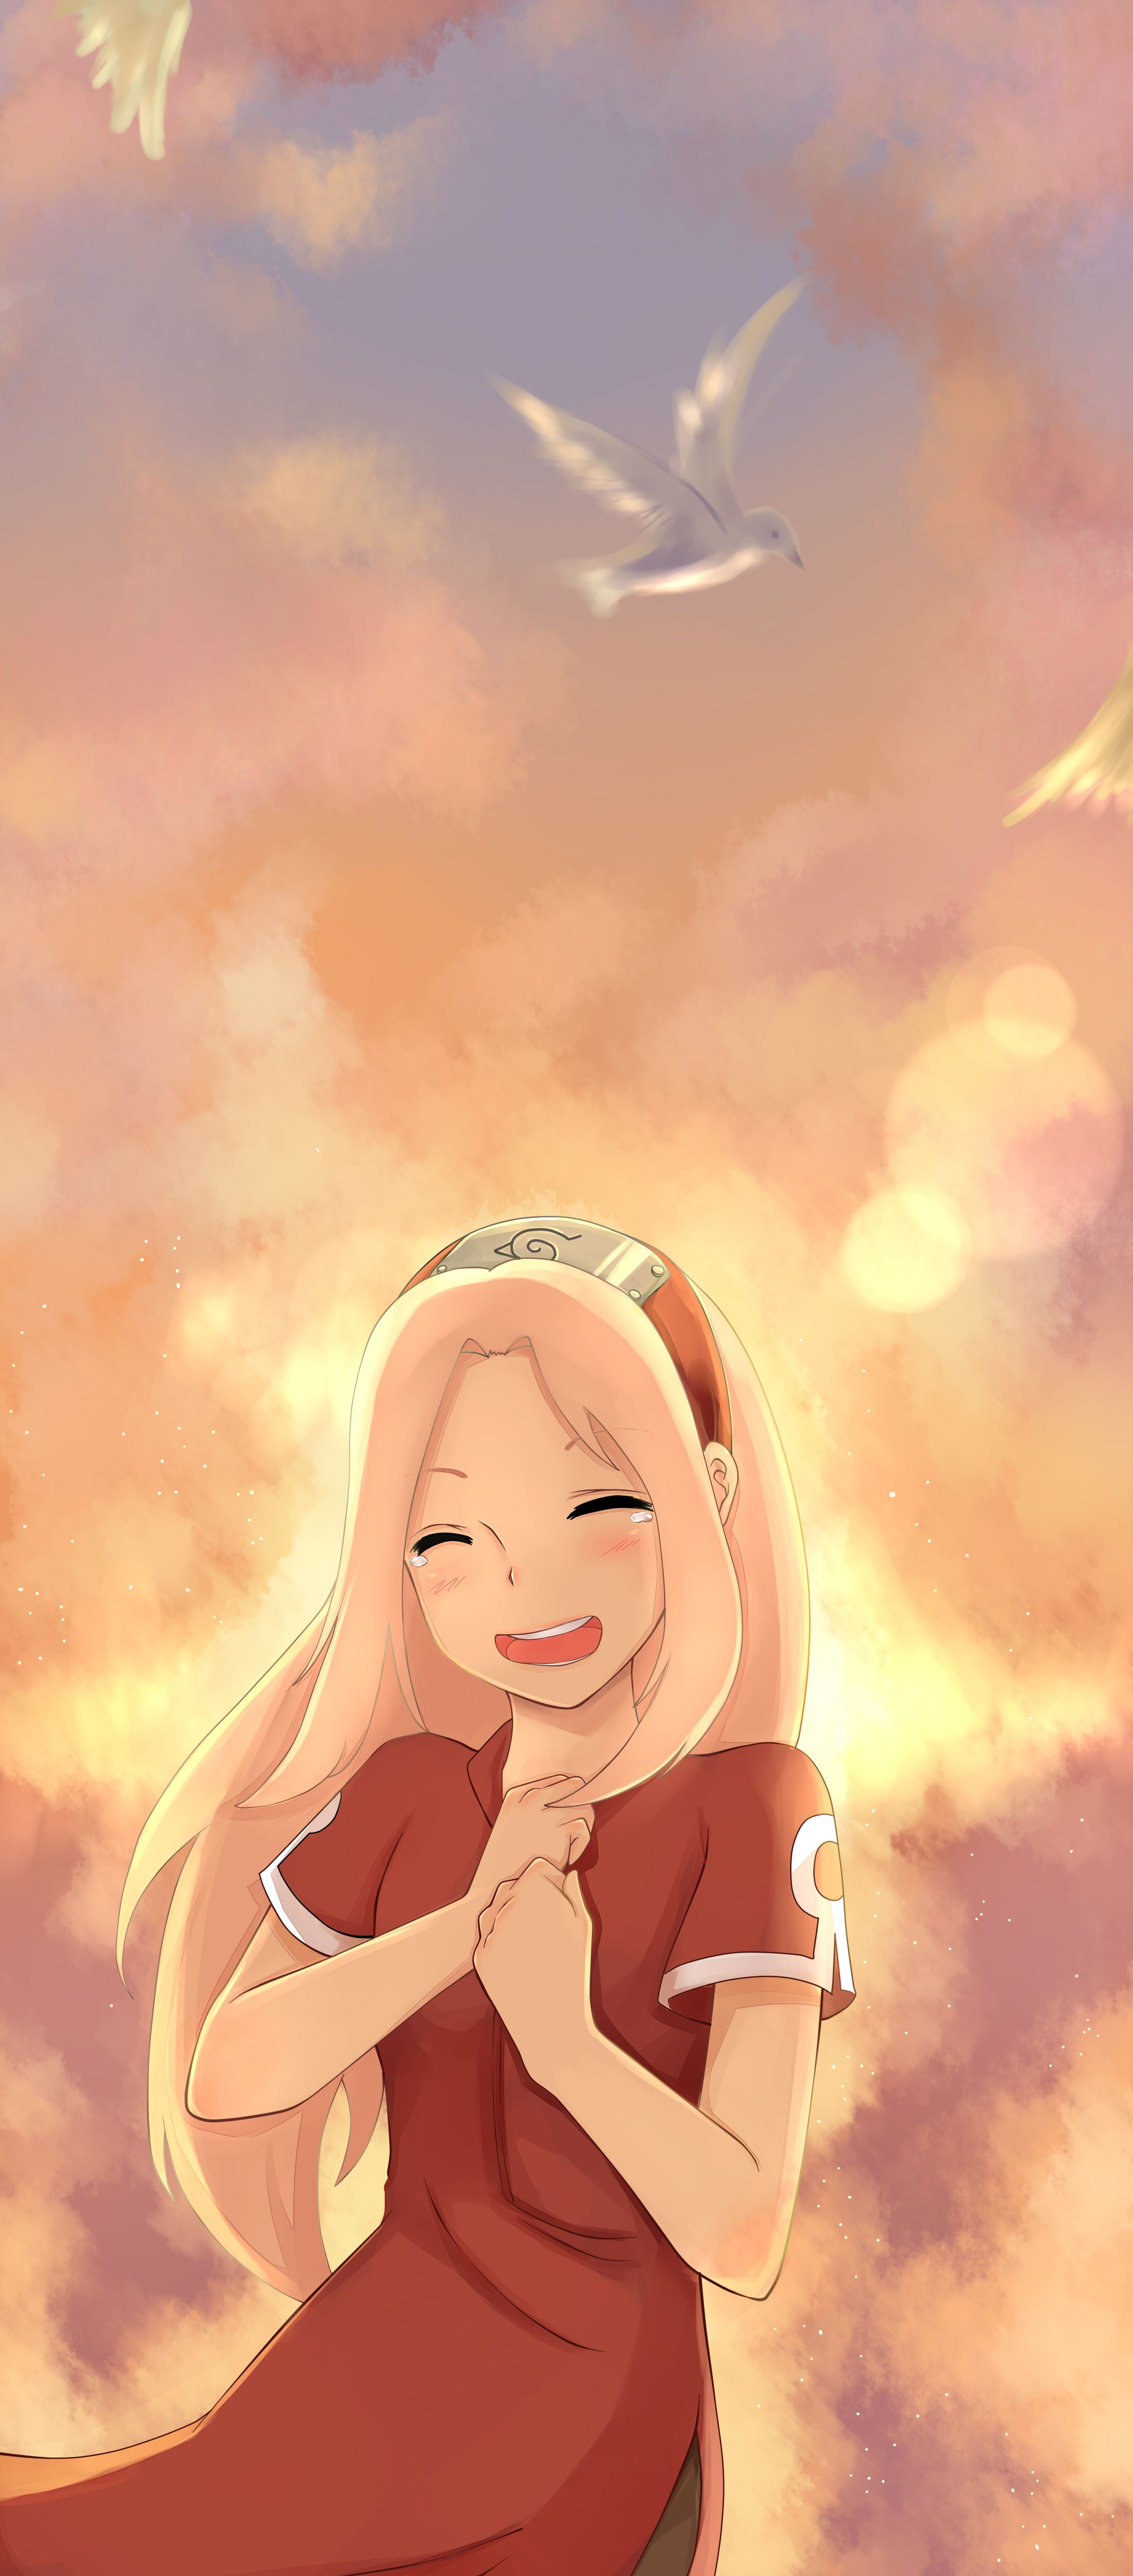 「ありがとう」/「亜瑟_Y」の漫画 [pixiv]